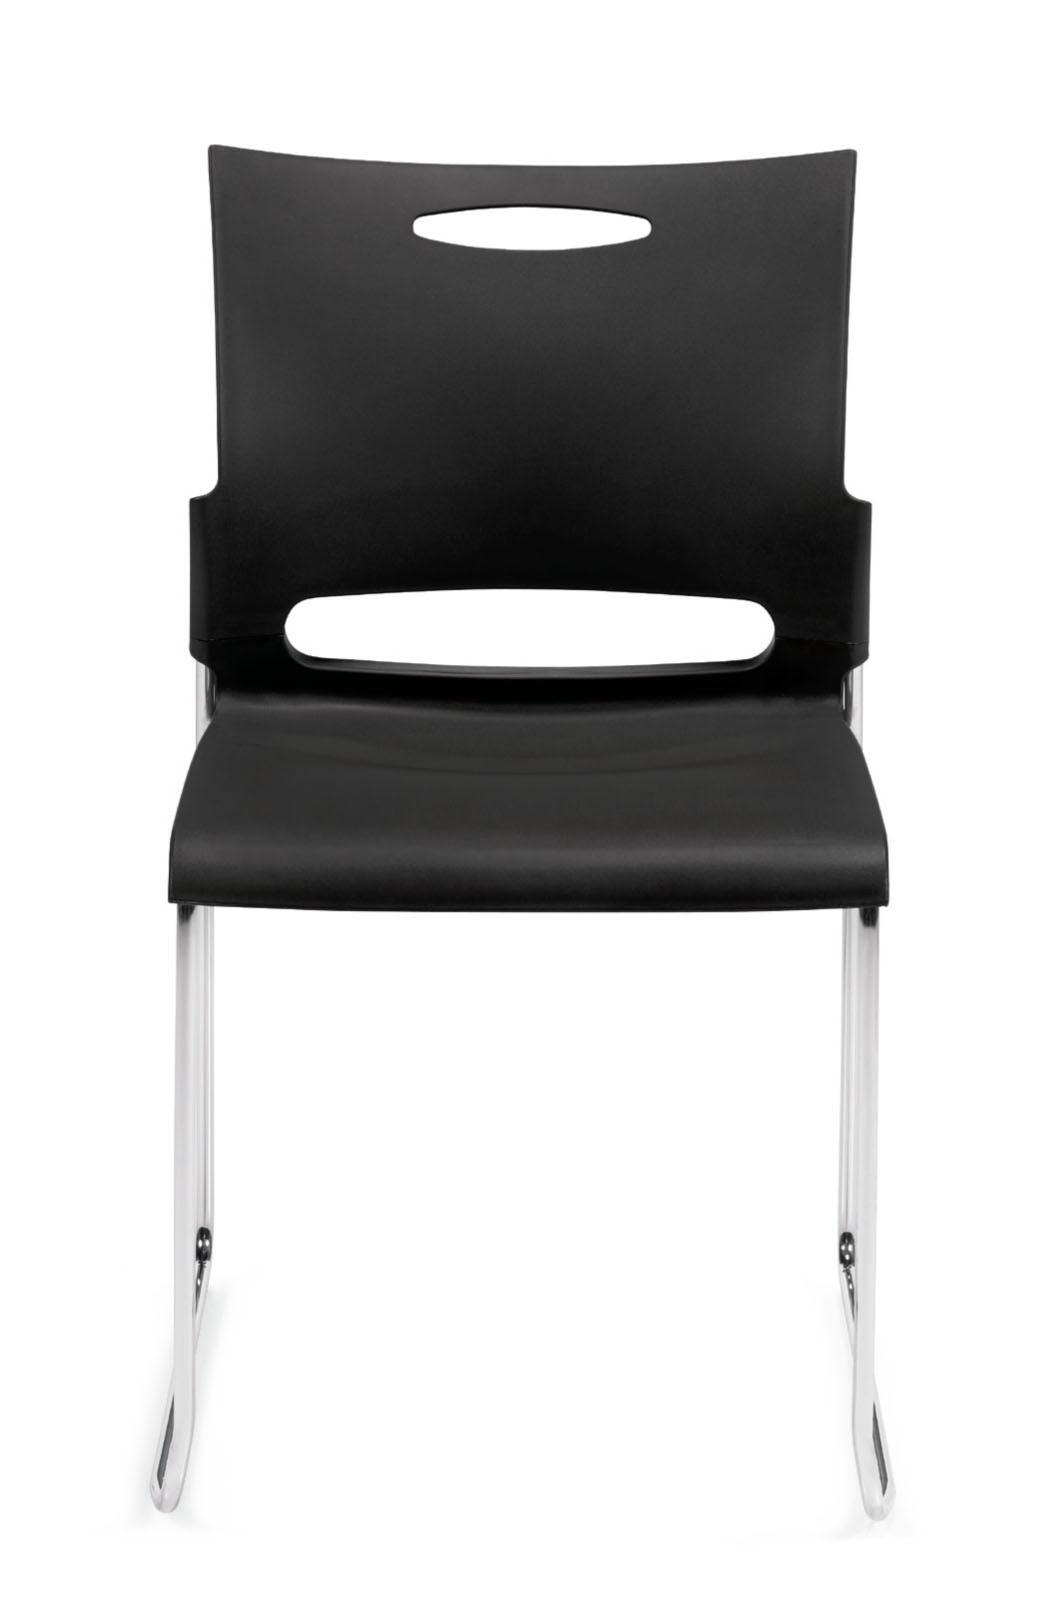 Seating Otg11310b Medium Density Stacking Chair